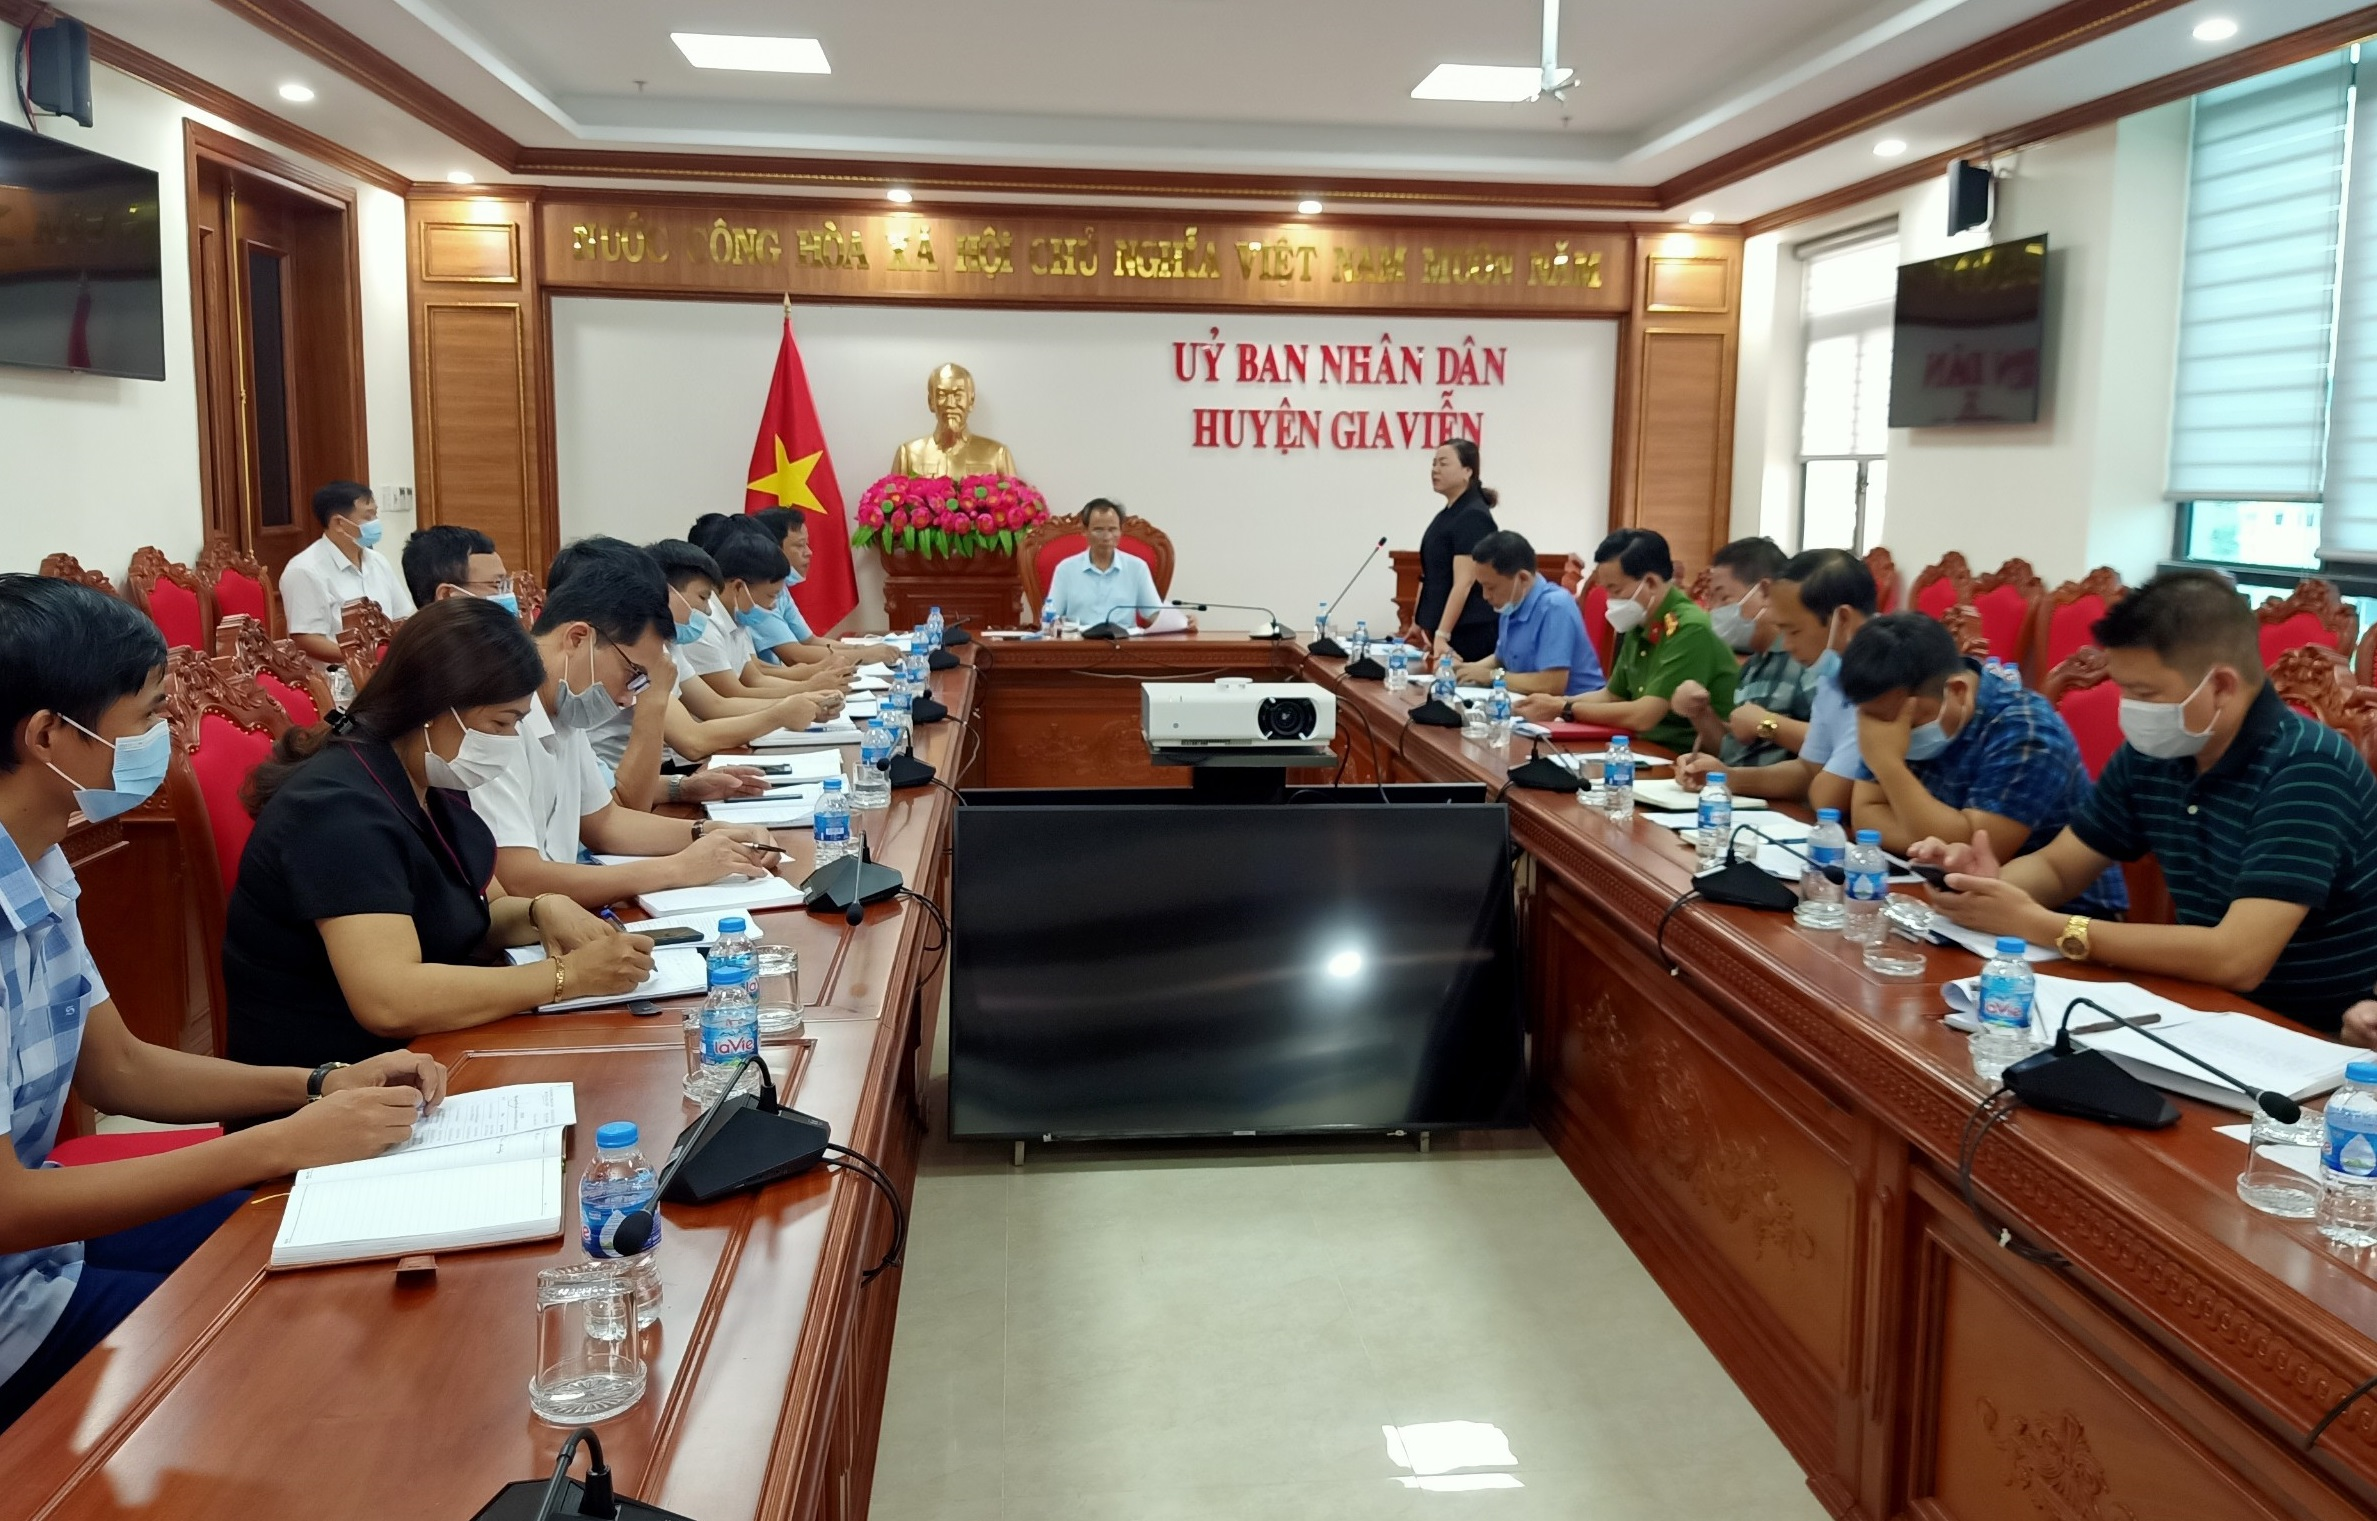 Thường trực HĐND huyện tổ chức hội nghị liên tịch để thống nhất nội dung, thời gian và công tác chuẩn bị tổ chức Kỳ họp thứ 2, HĐND huyện khóa XX, nhiệm kỳ 2021 -2026